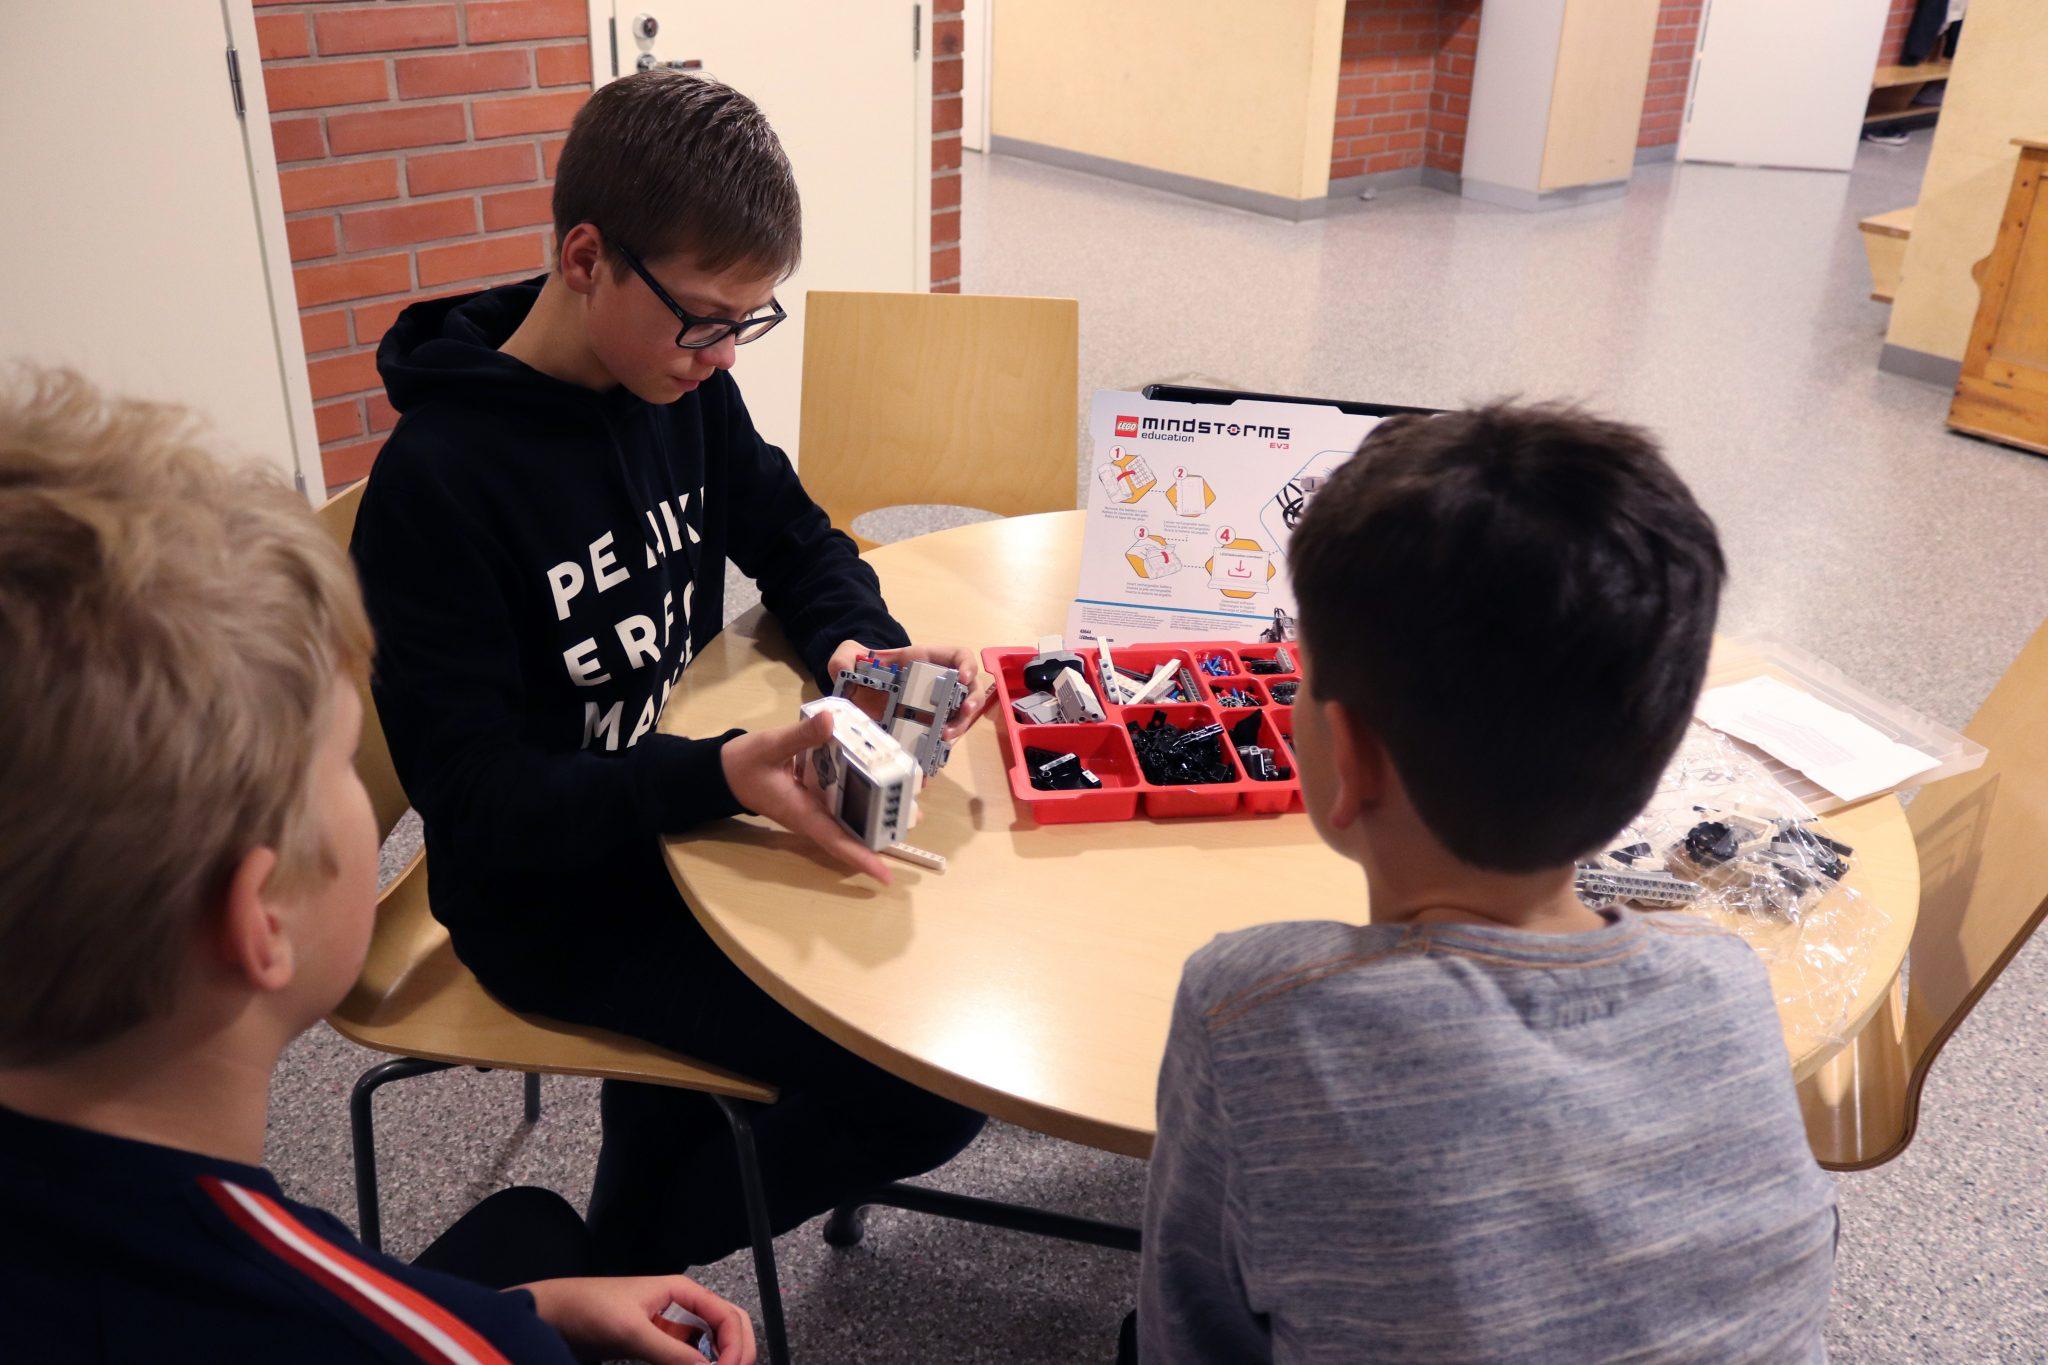 Tatu Engren opastaa mielellään muita oppilaita Lego-robottien saloihin.